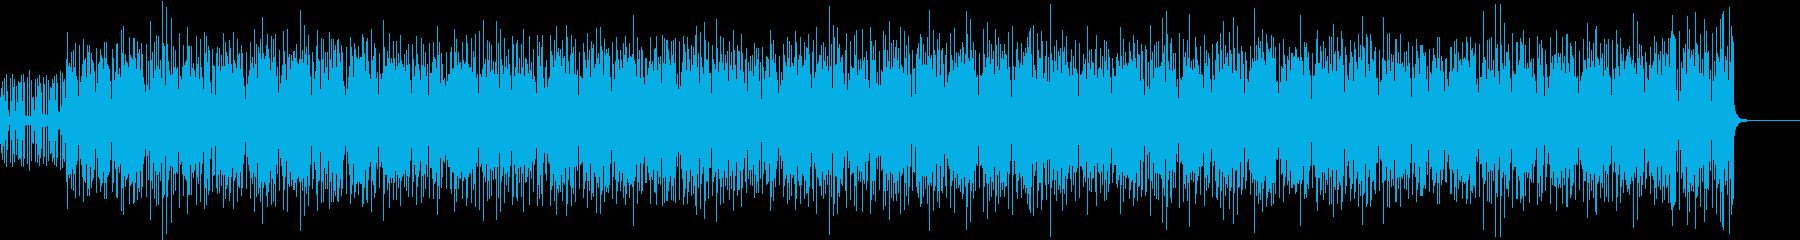 テレビの背景音楽の再生済みの波形